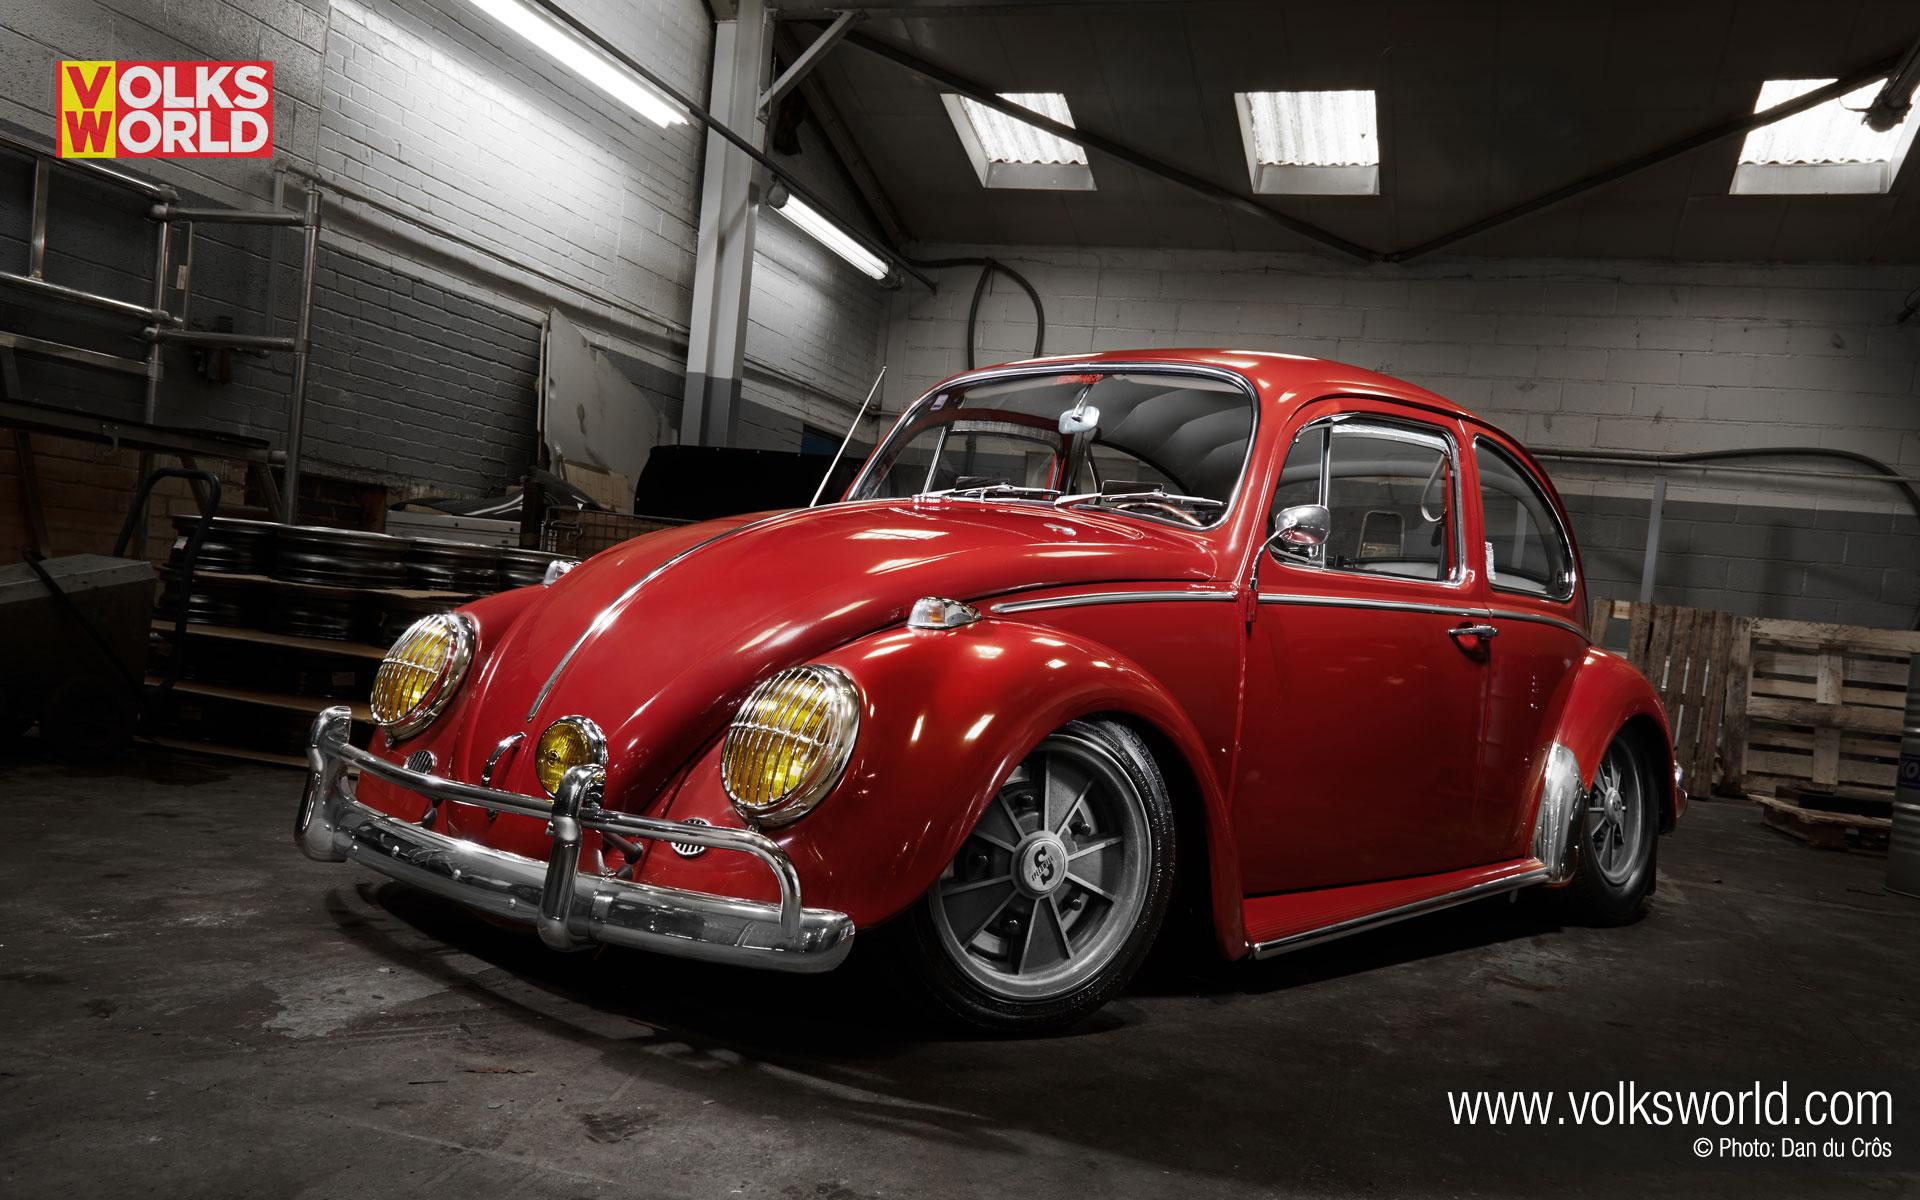 1965 VW Beetle   Best of 2014   VolksWorld 1920x1200